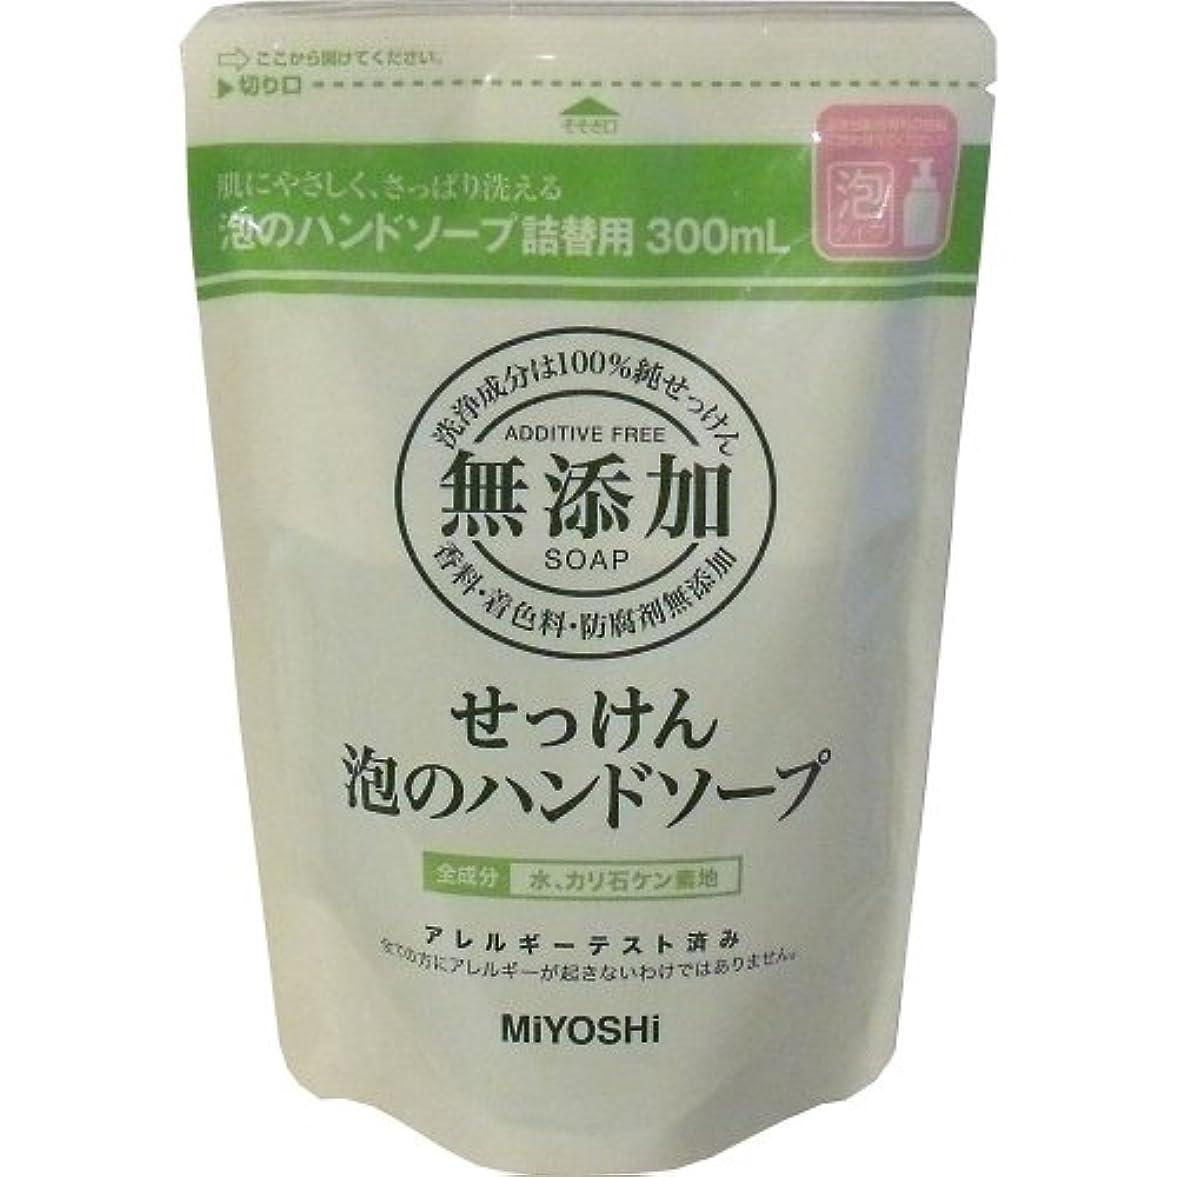 農奴クリーム特性ミヨシ石鹸 無添加せっけん泡ハンドソープ 詰替用300ml×5